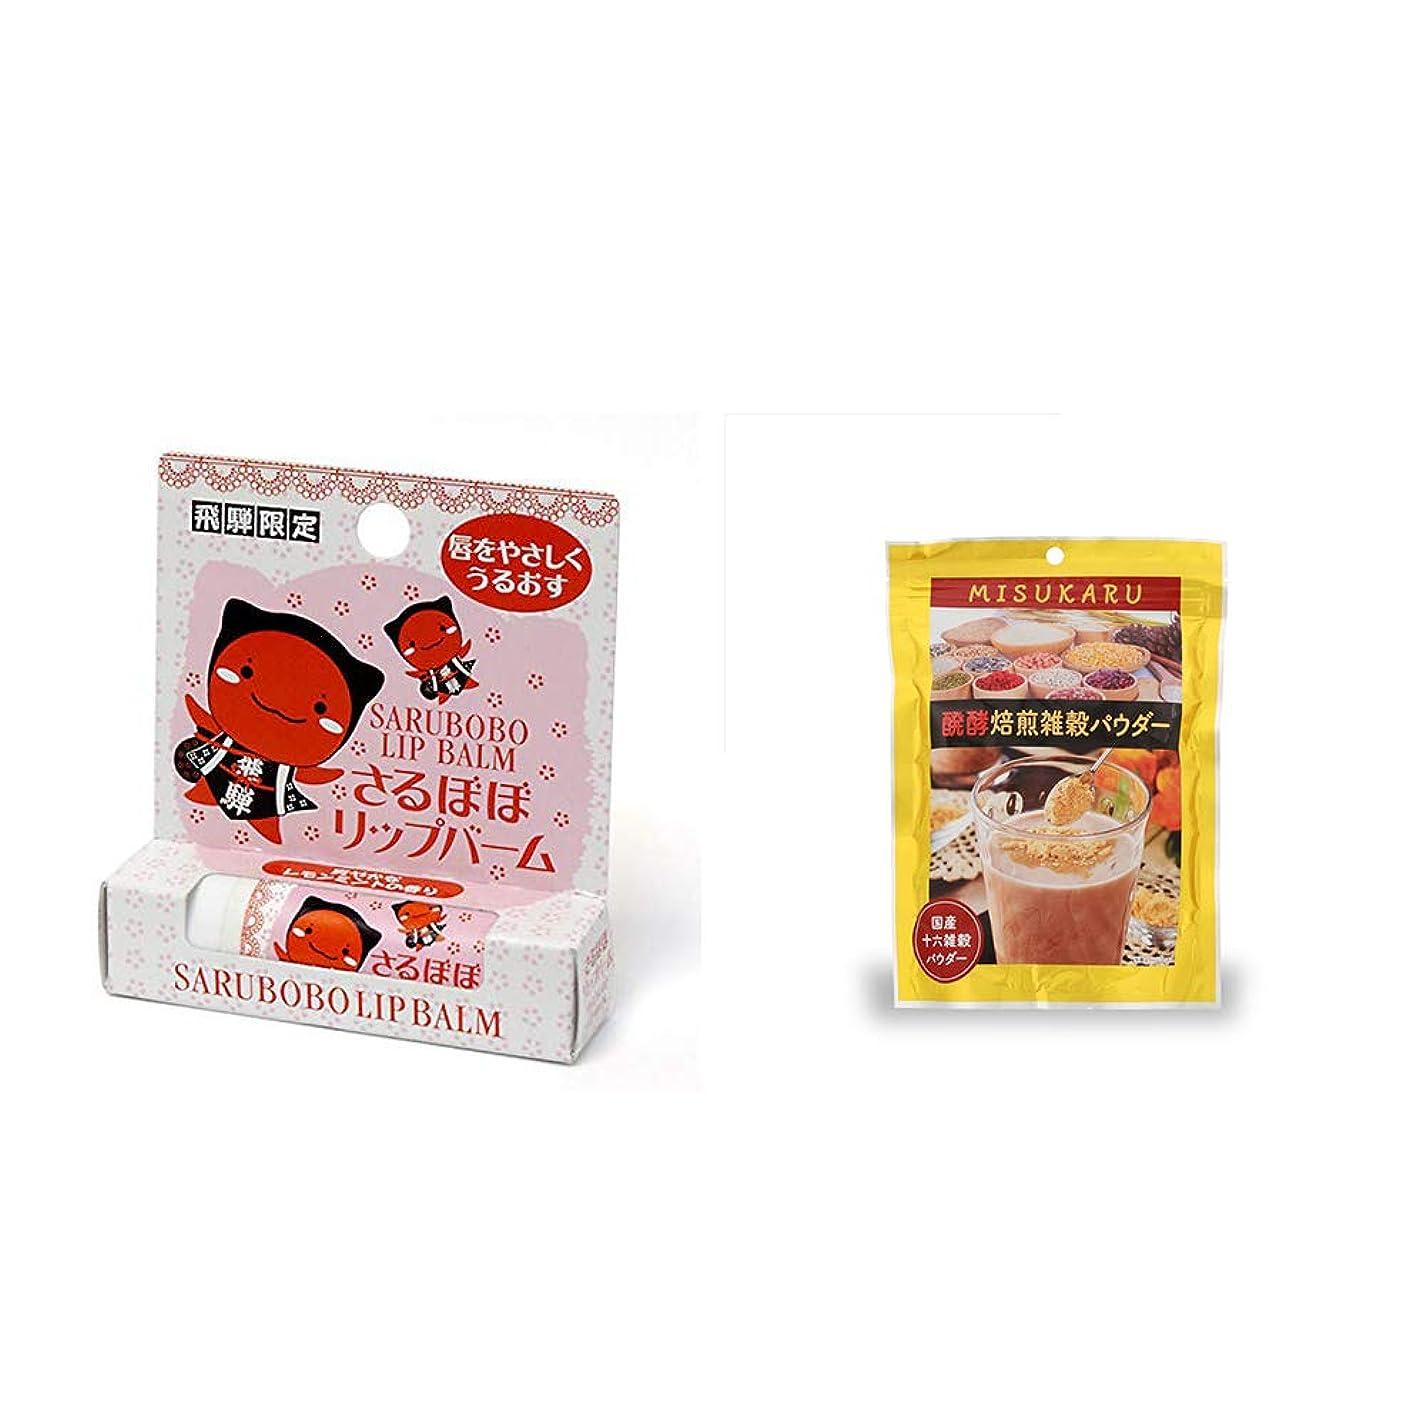 発見する呼び出すキャプチャー[2点セット] さるぼぼ リップバーム(4g) ?醗酵焙煎雑穀パウダー MISUKARU(ミスカル)(200g)